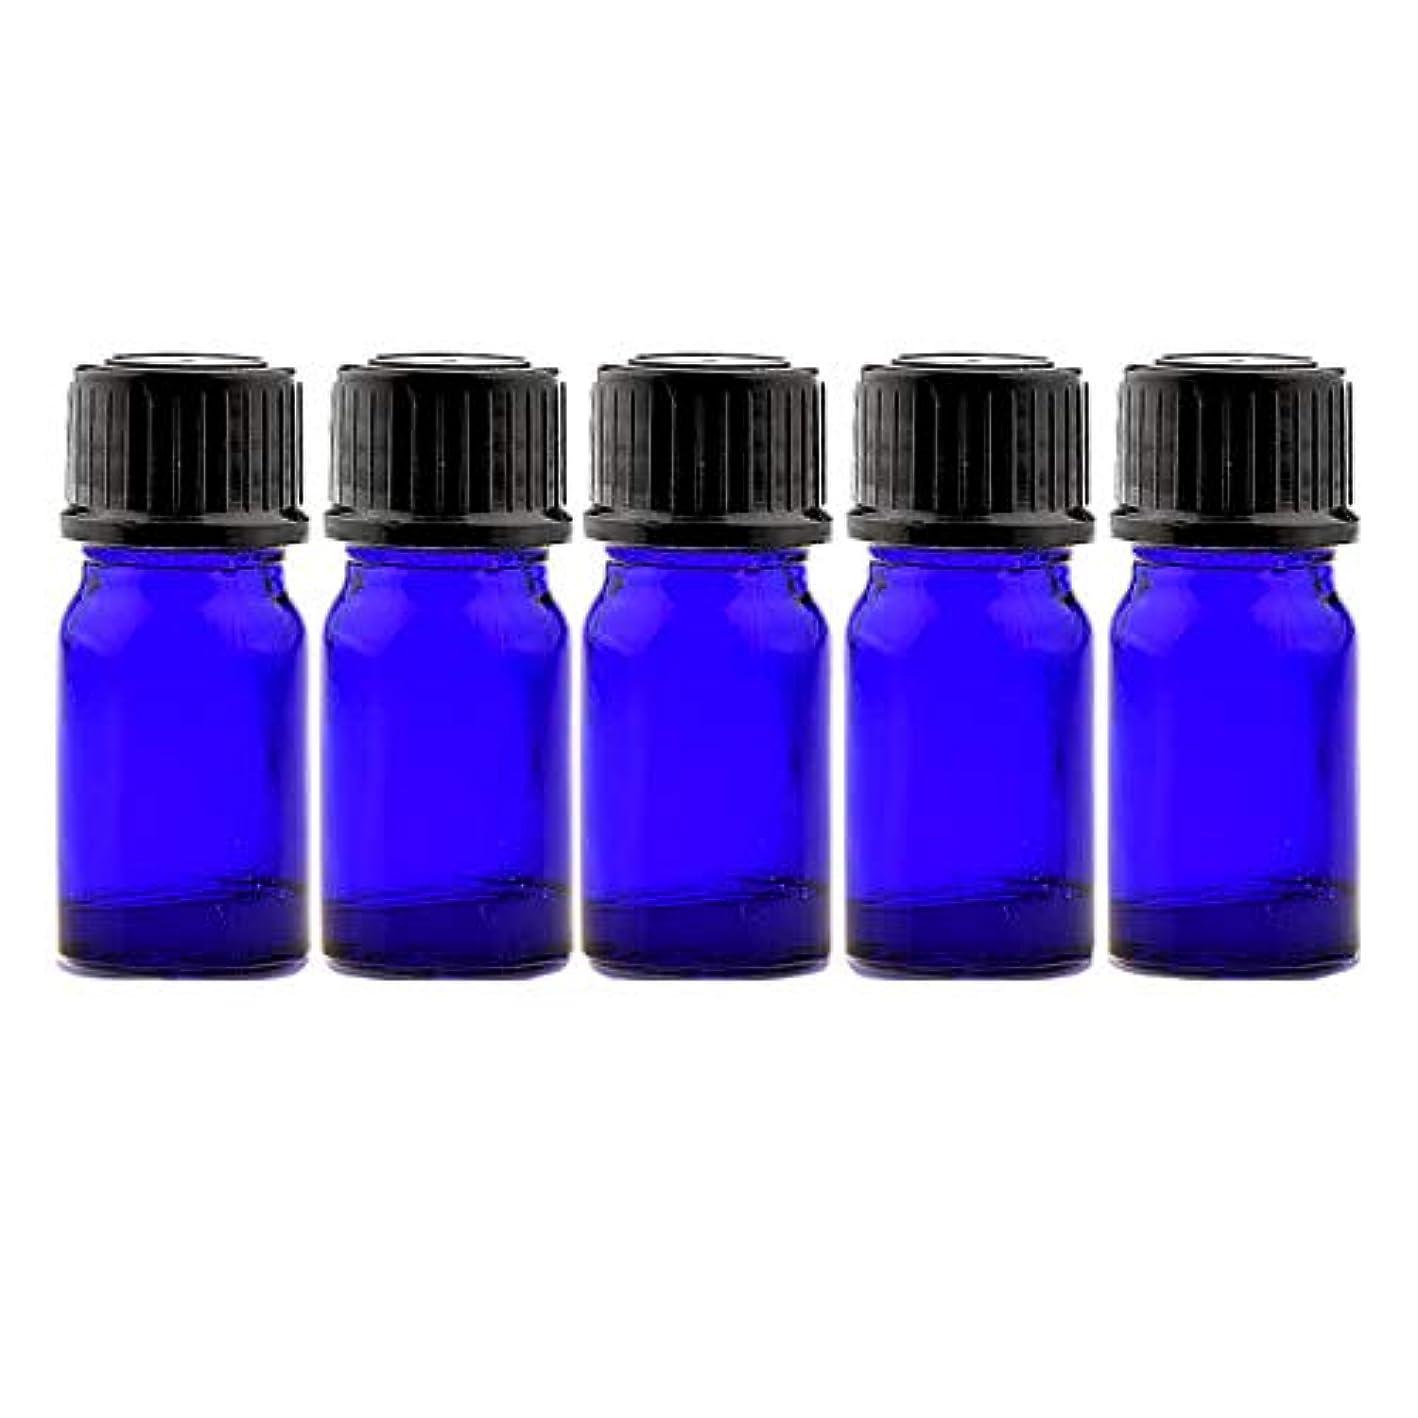 宝石叫び声贈り物NAGOMI AROMA遮光ビン 5ml(ブルー) 5本セット 黒キャップ&ヴァーティカルドロッパー